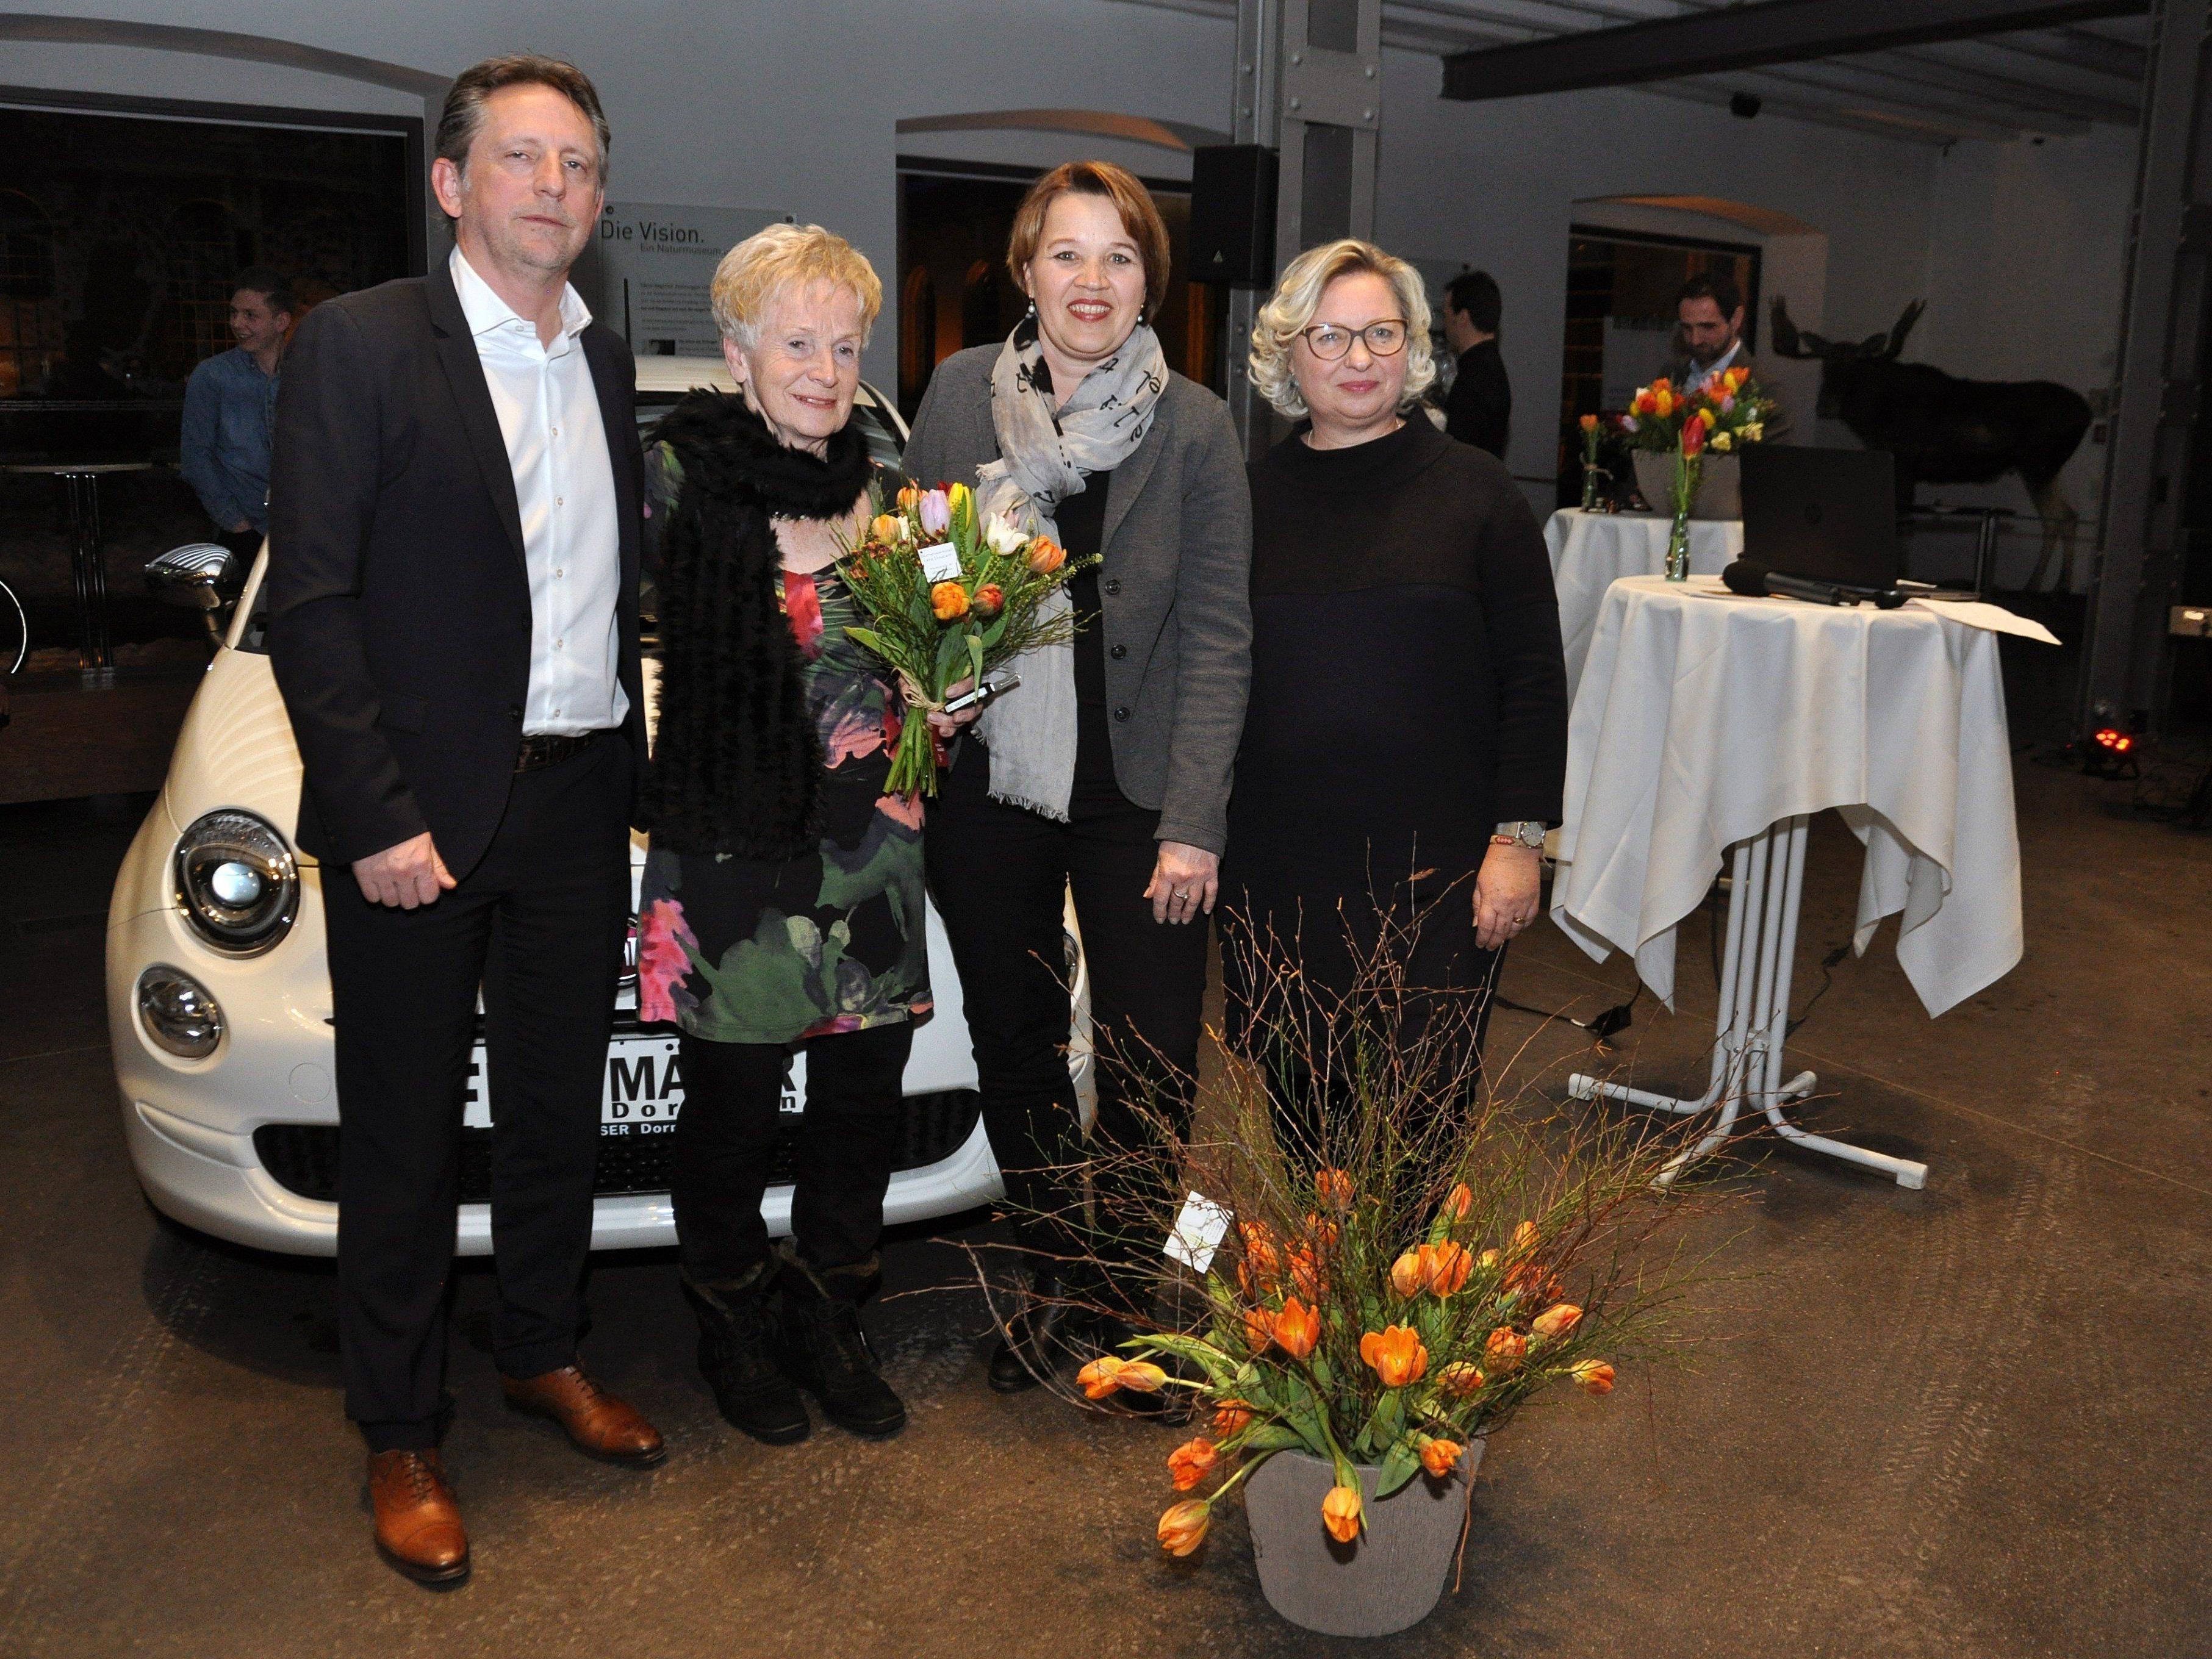 Die glückliche Gewinnerin des Hauptpreises Berta Egger mit Rudi Präg, Irmgard Huber (Vorstand inside) und Bürgermeisterin Andrea Kaufmann.